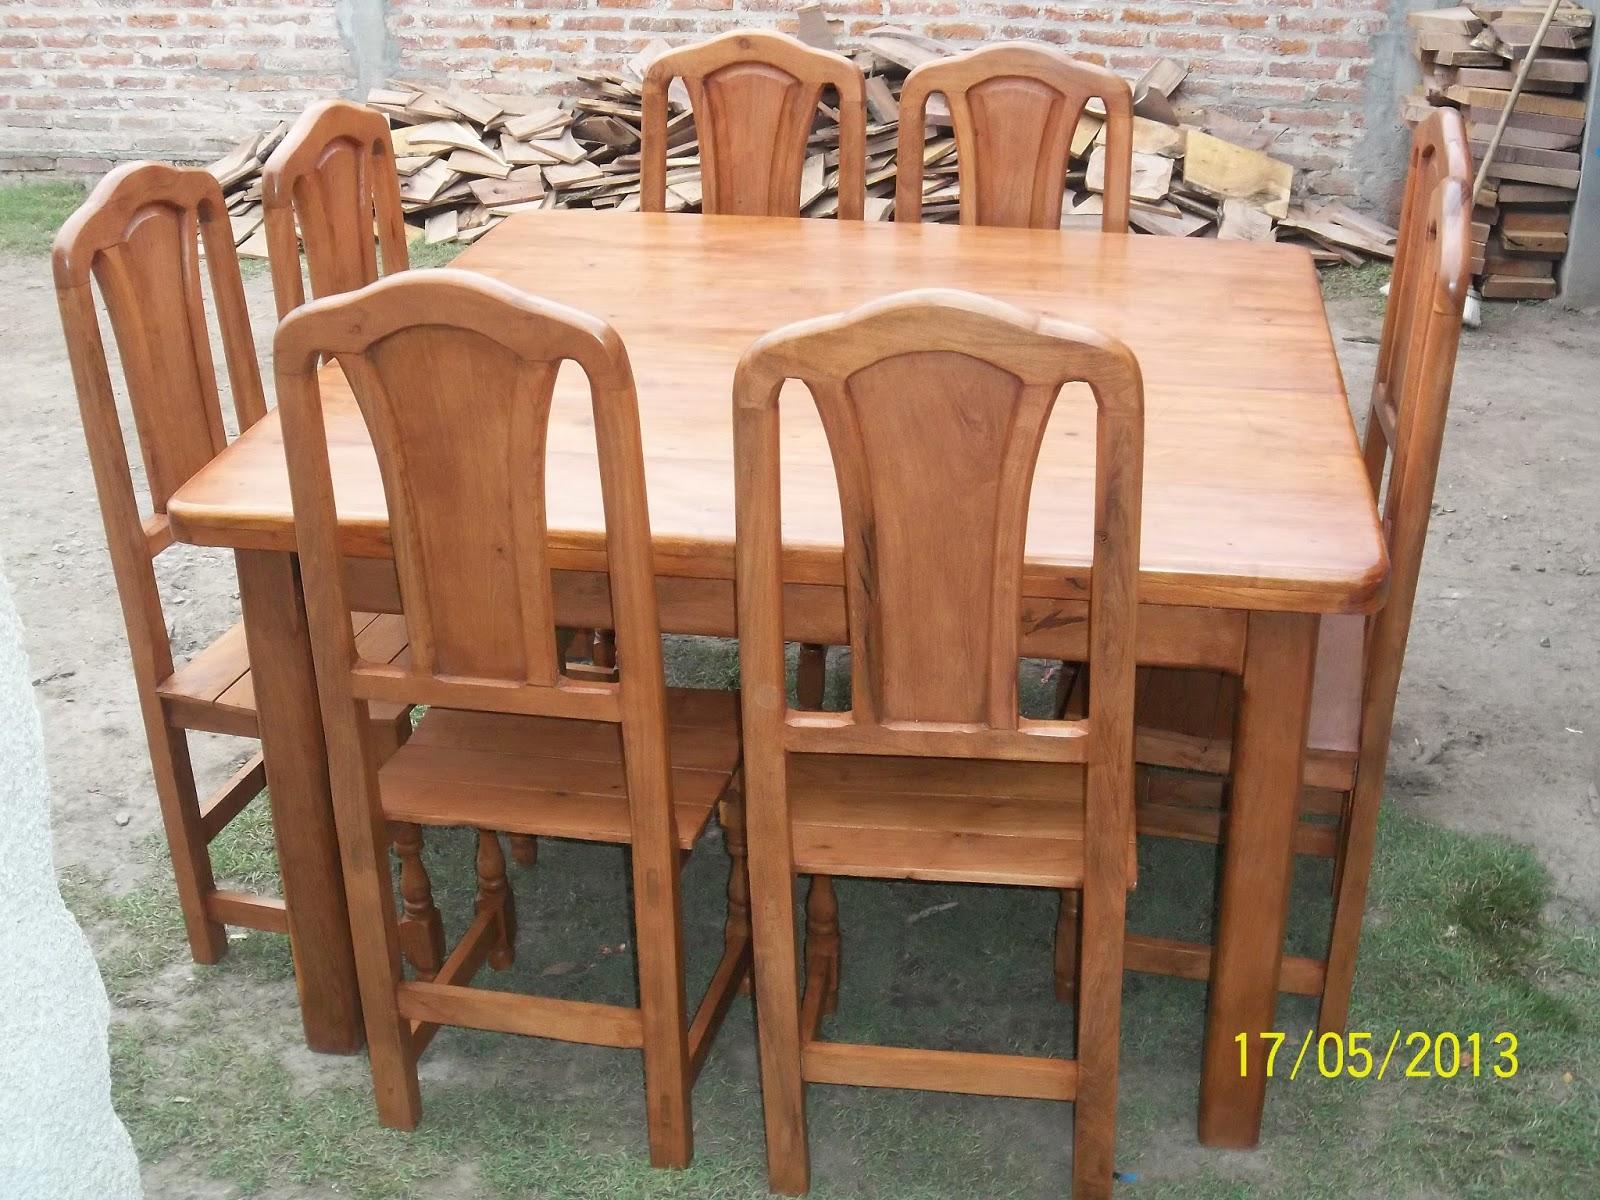 Fábrica de Muebles y Artesanías en Algarrobo \